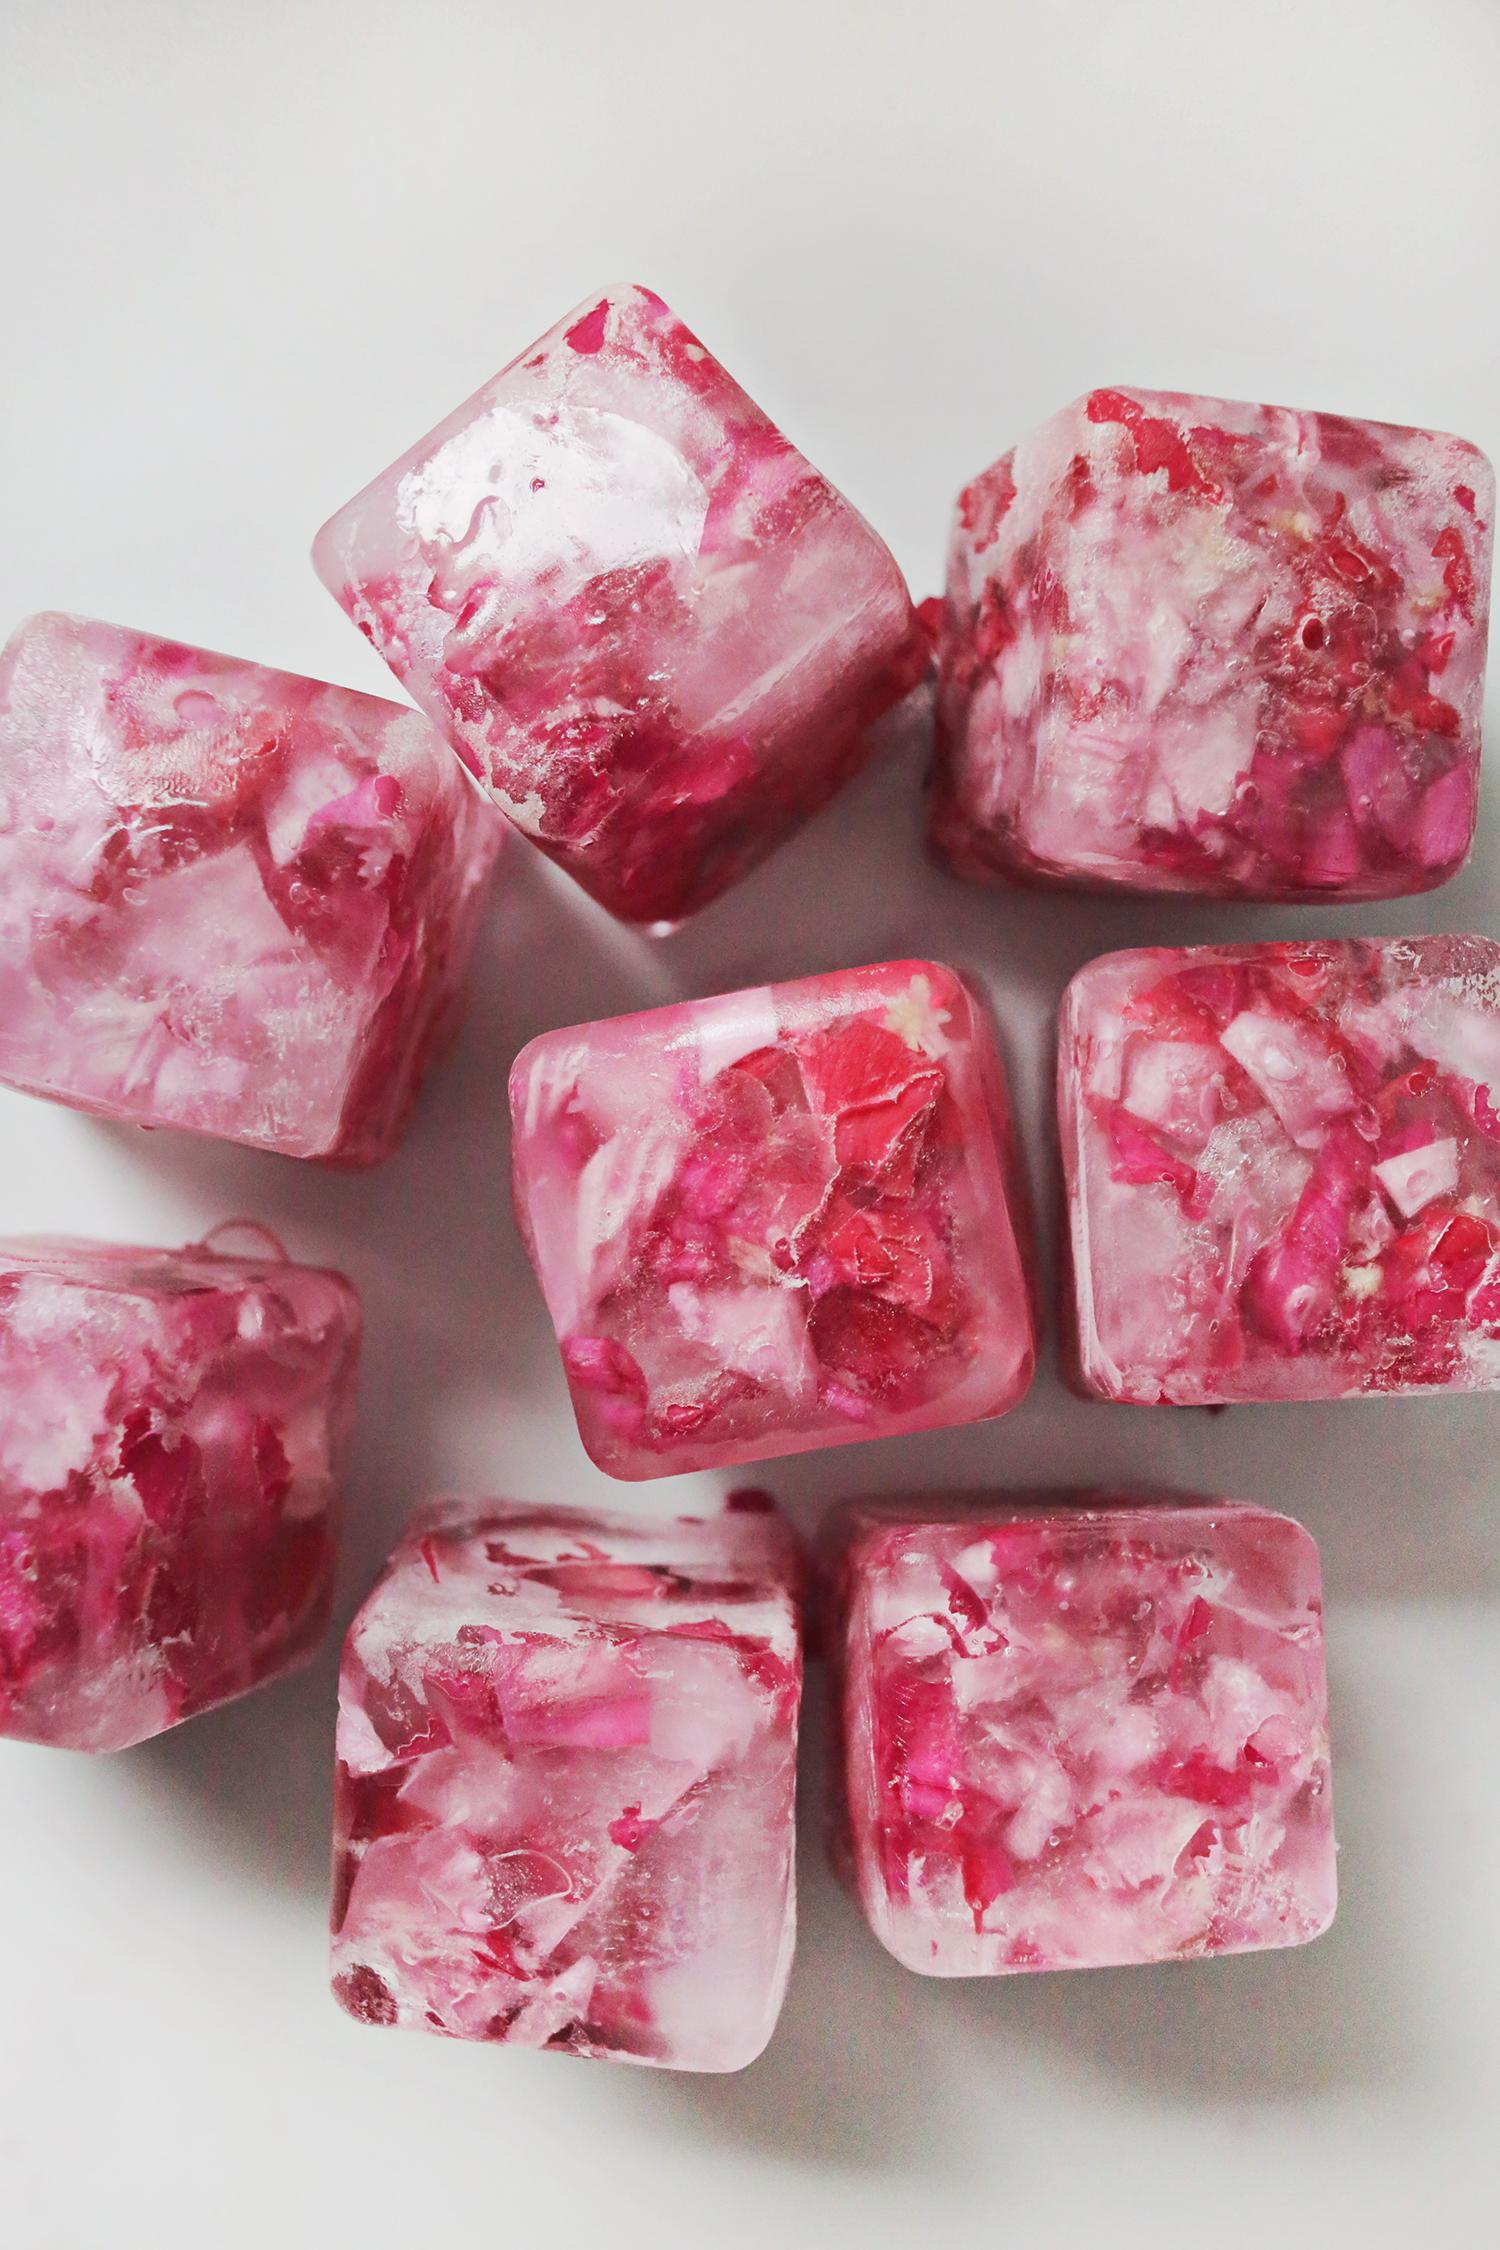 DIY blumige Eiswürfel selber machen: Ein gefrorenes Wunder im Glas